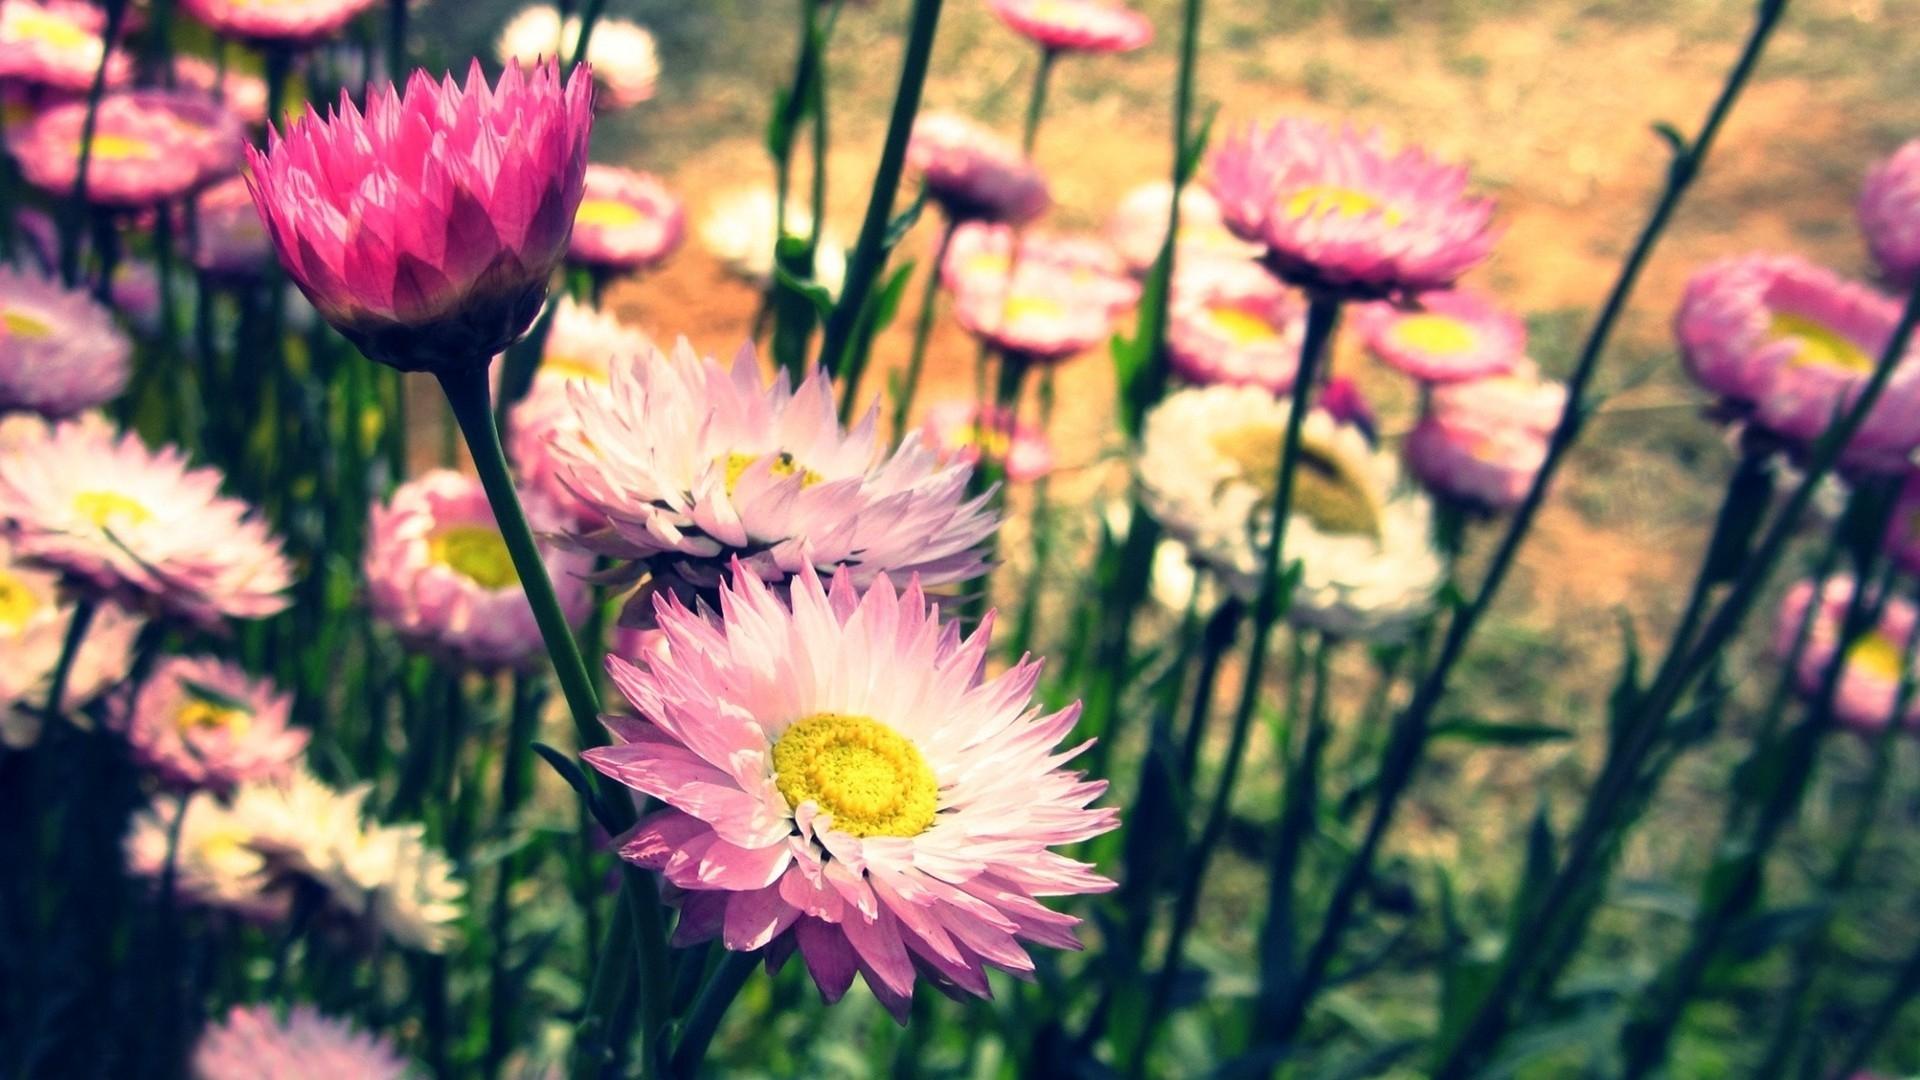 fond de bureau fleurs vintage fond d